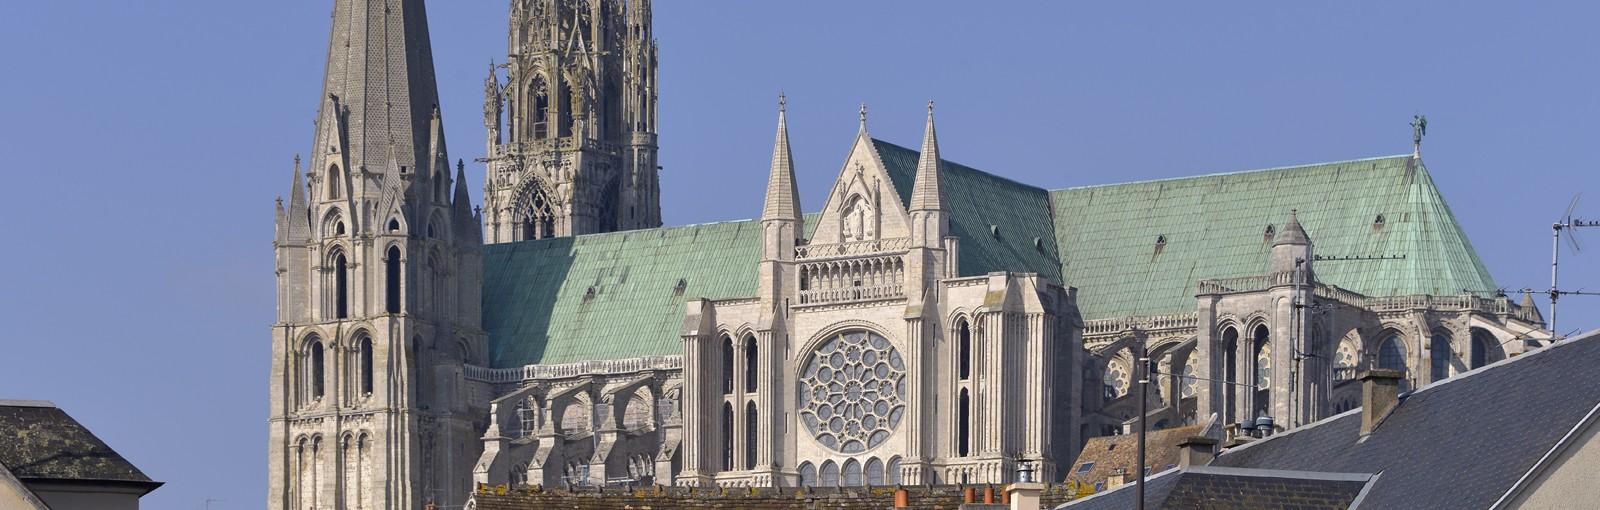 Tours Chartres - Demi-journées - Tours au départ de Paris